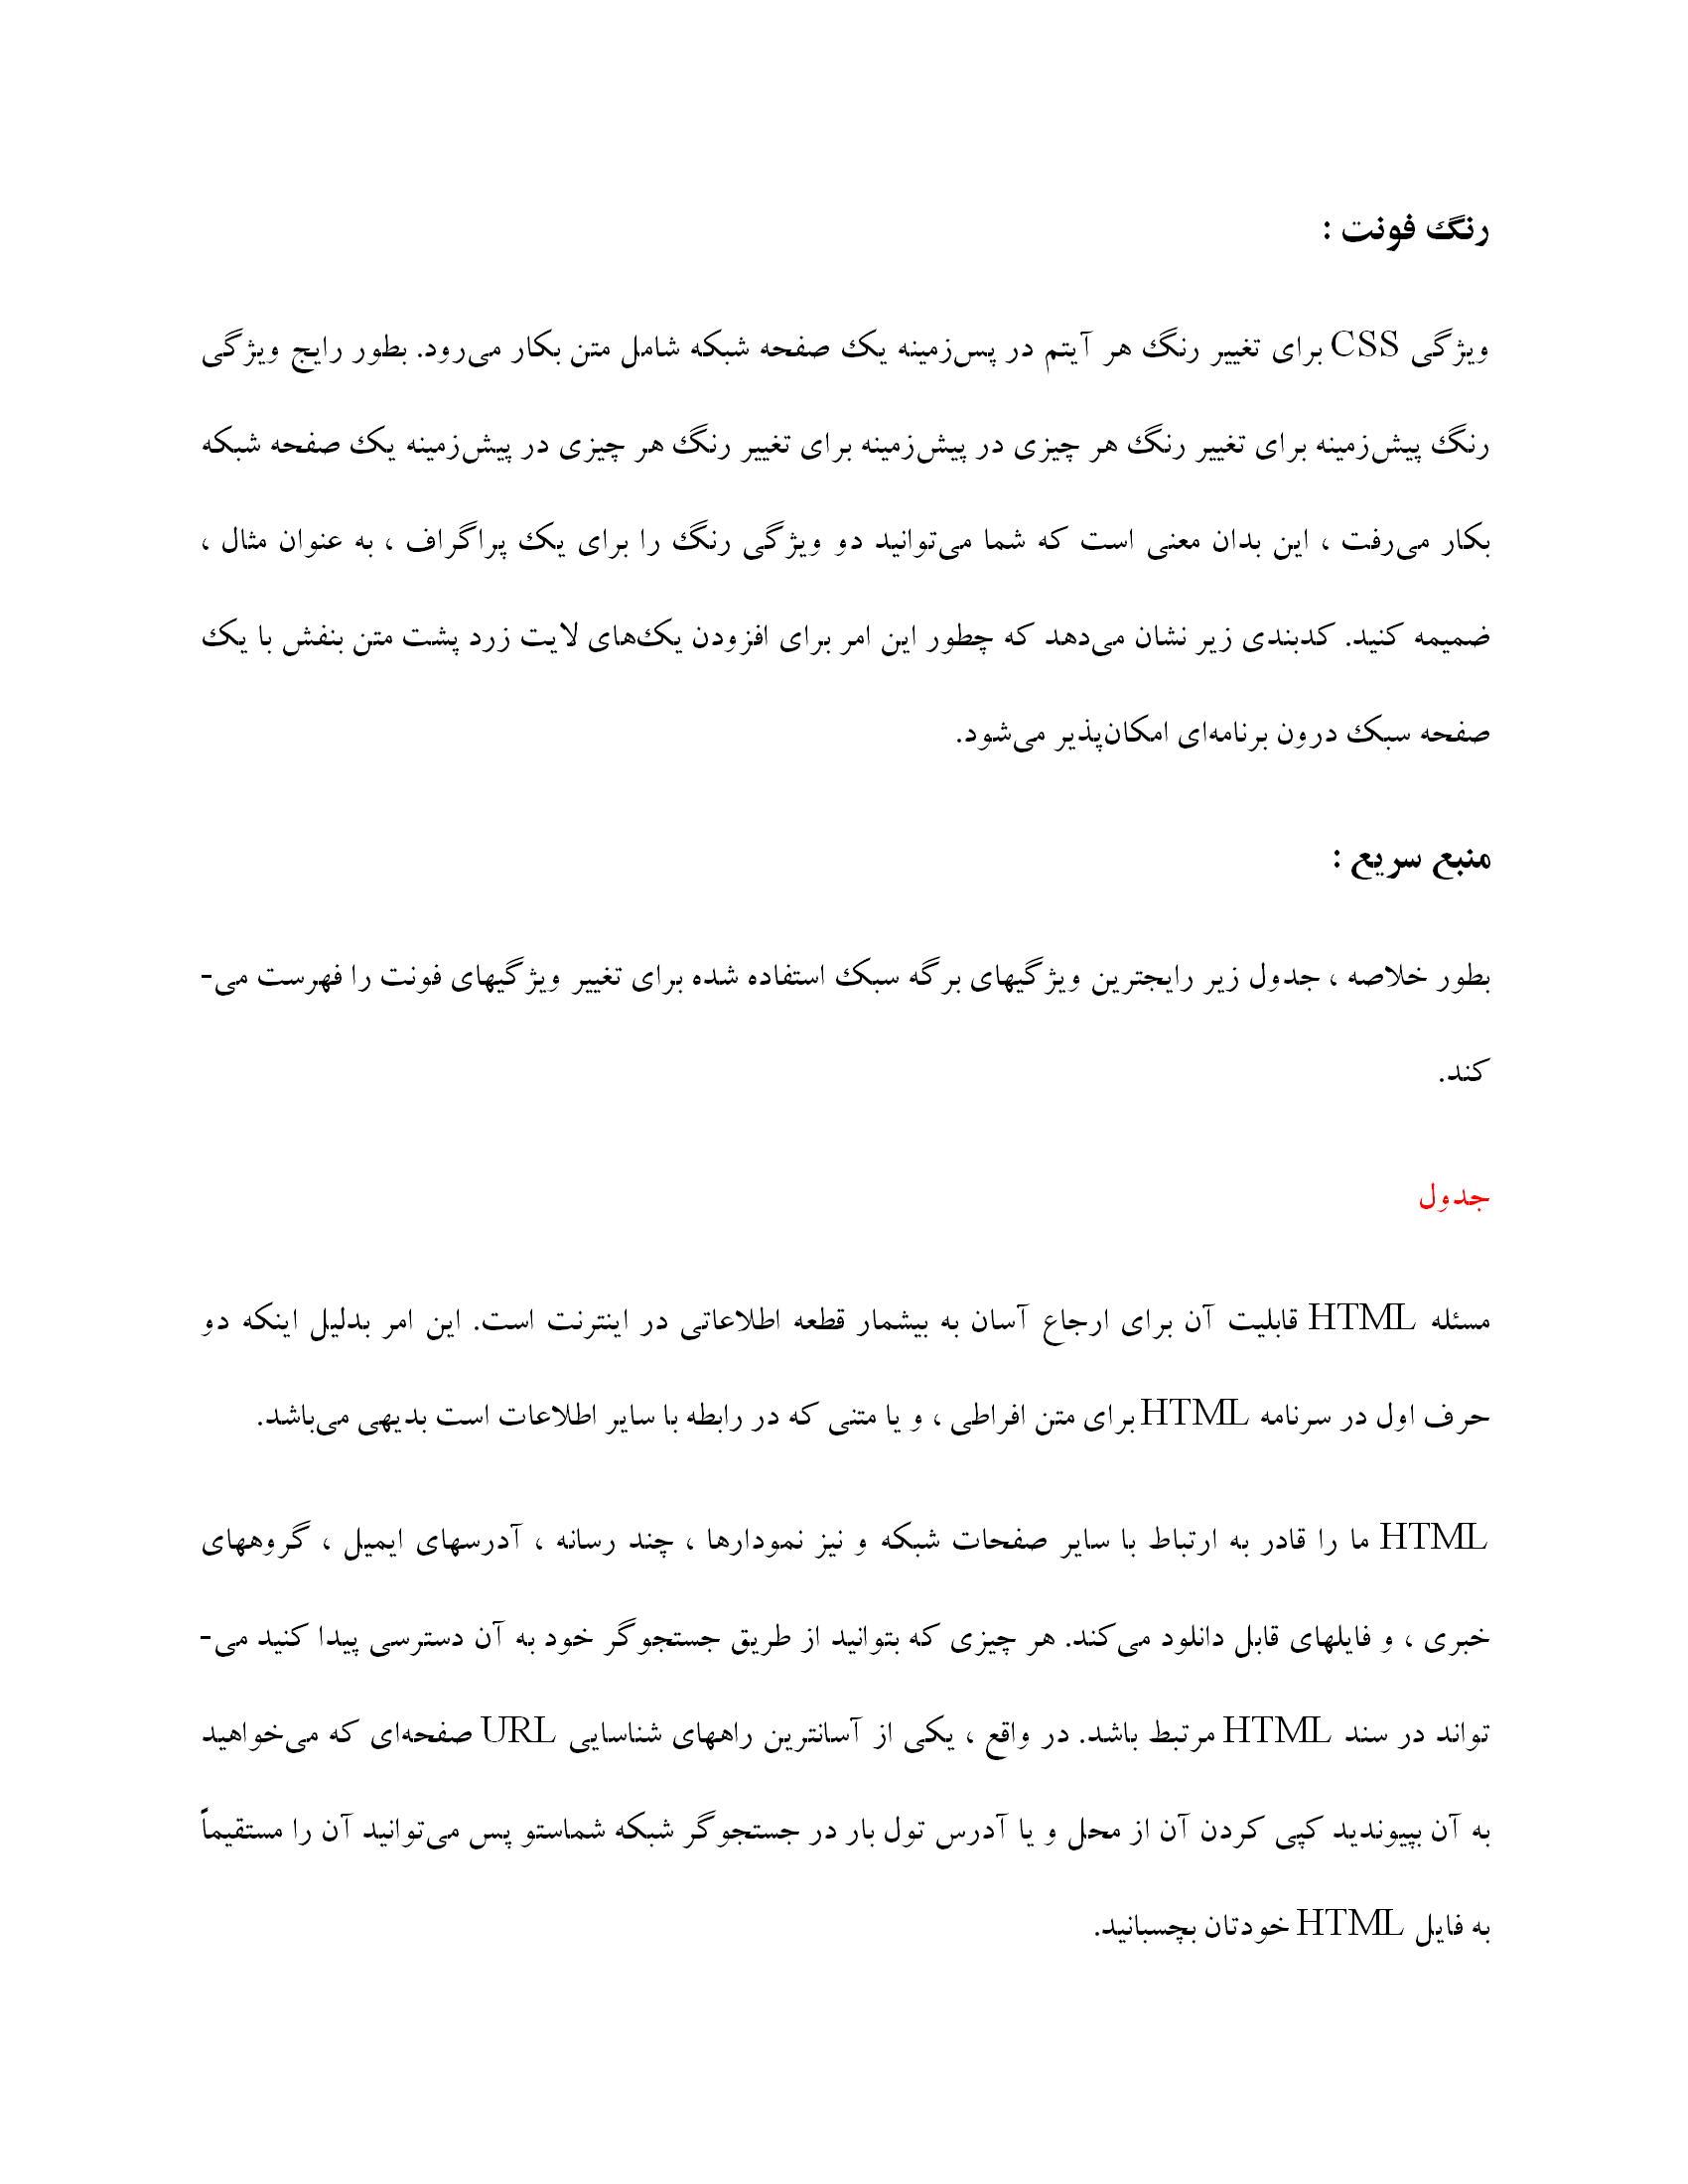 ترجمه مقاله و تحقیق - رنگ فونت  6